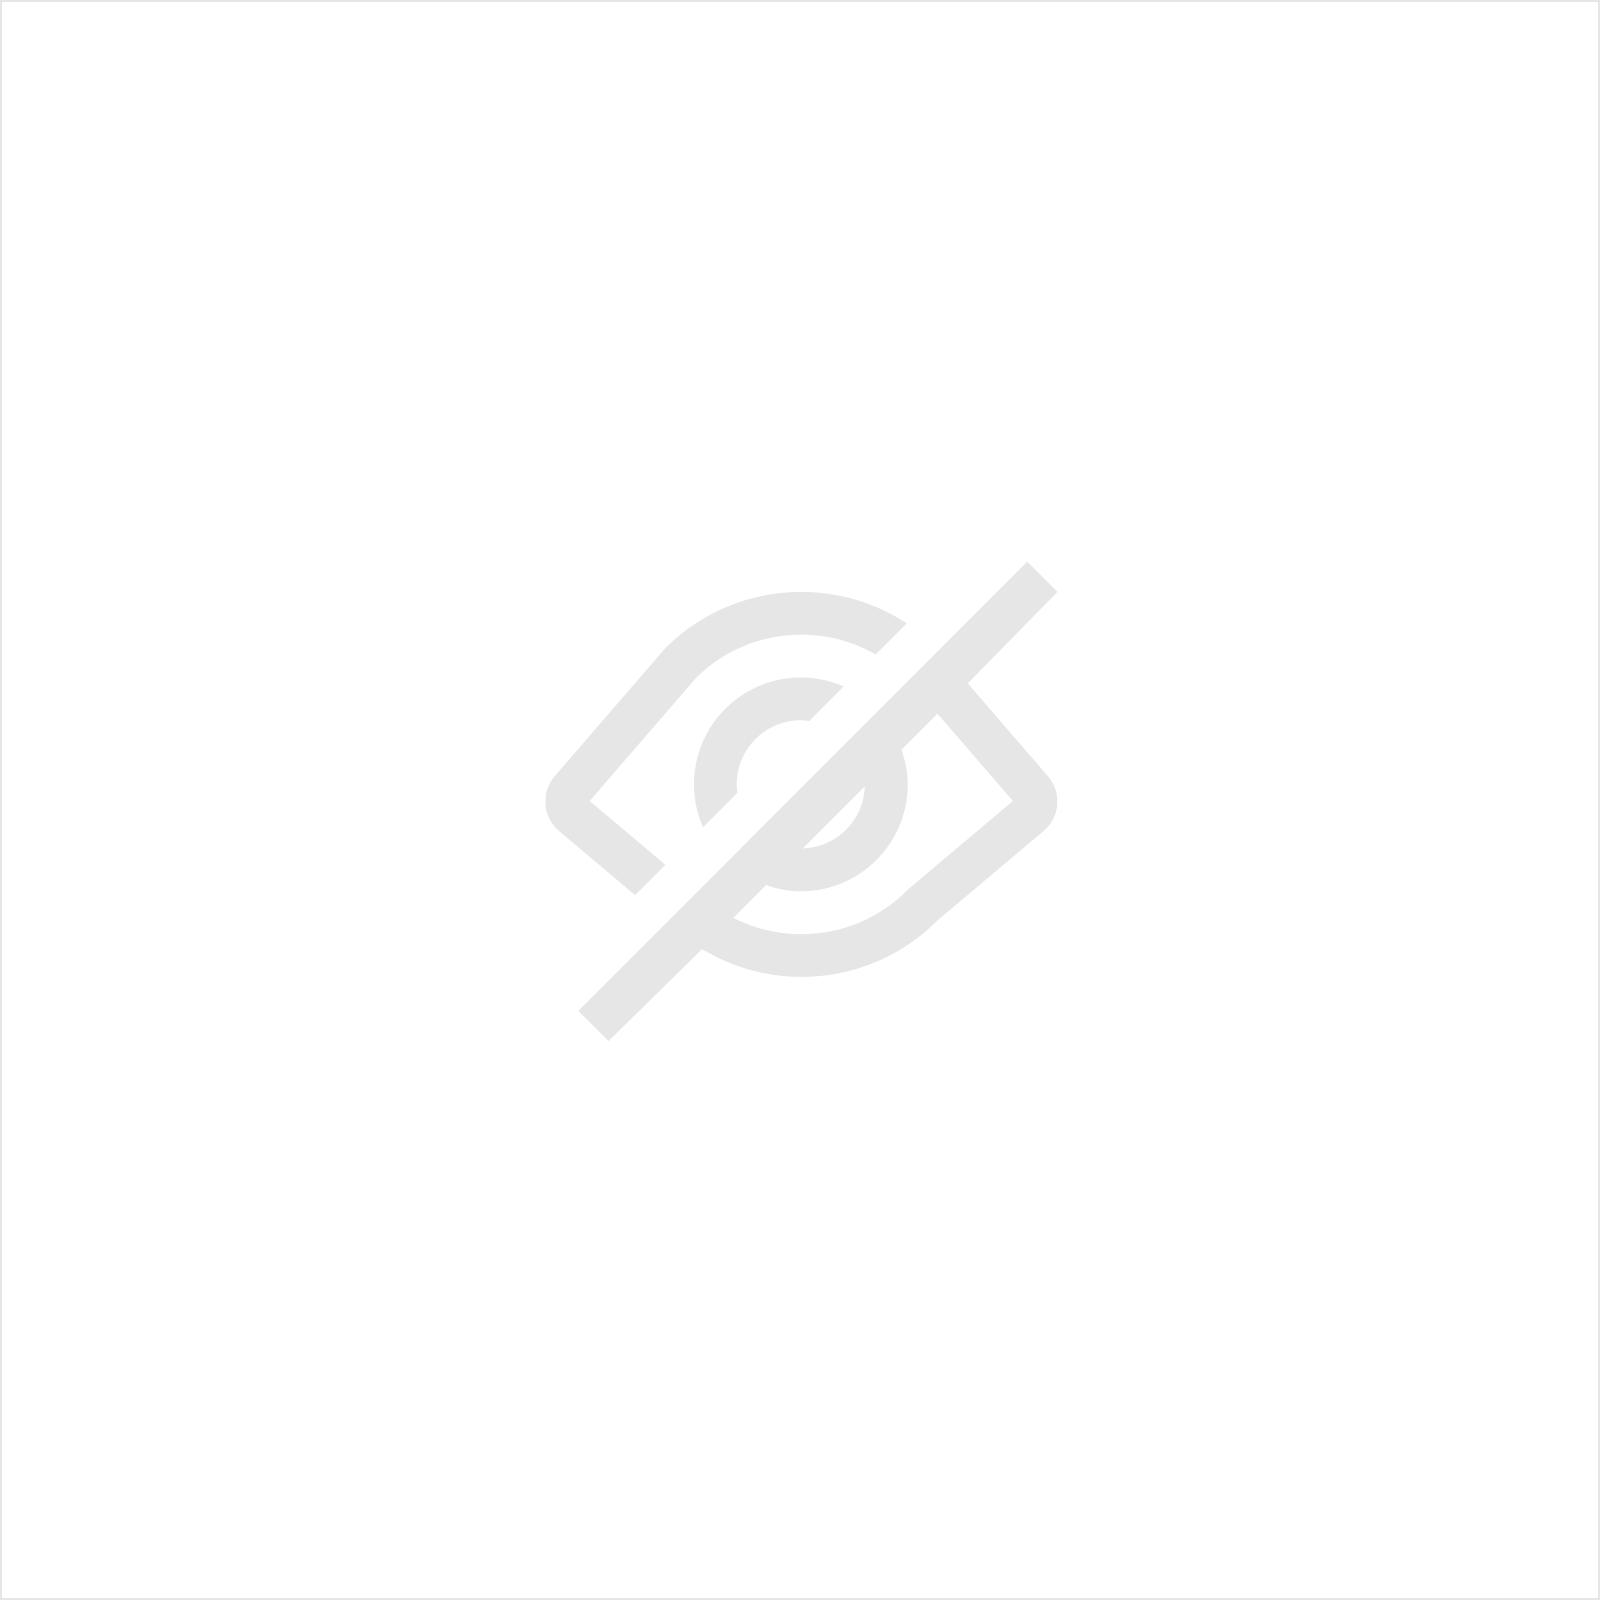 NOVOL VERHARDER VOOR ACRYL PRIMER - 0,75 L (65151)